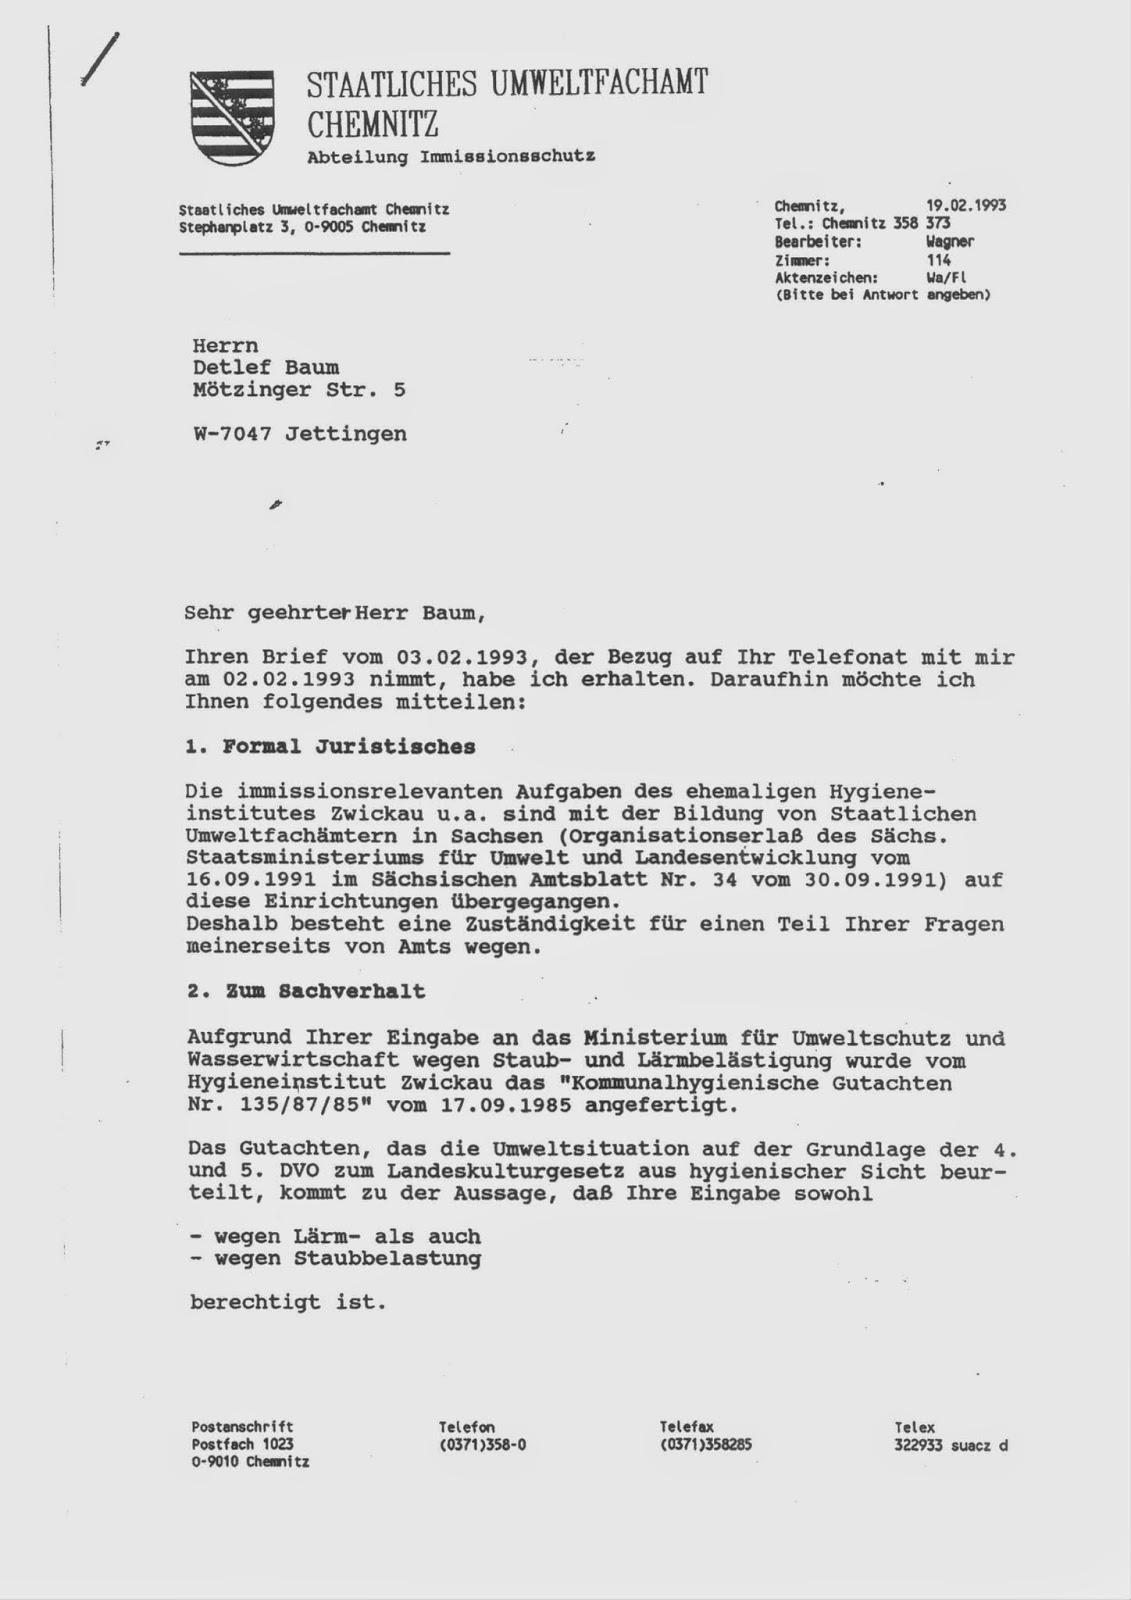 verraten und verkauft, wie das Verwaltungsgericht Chemnitz meine ...